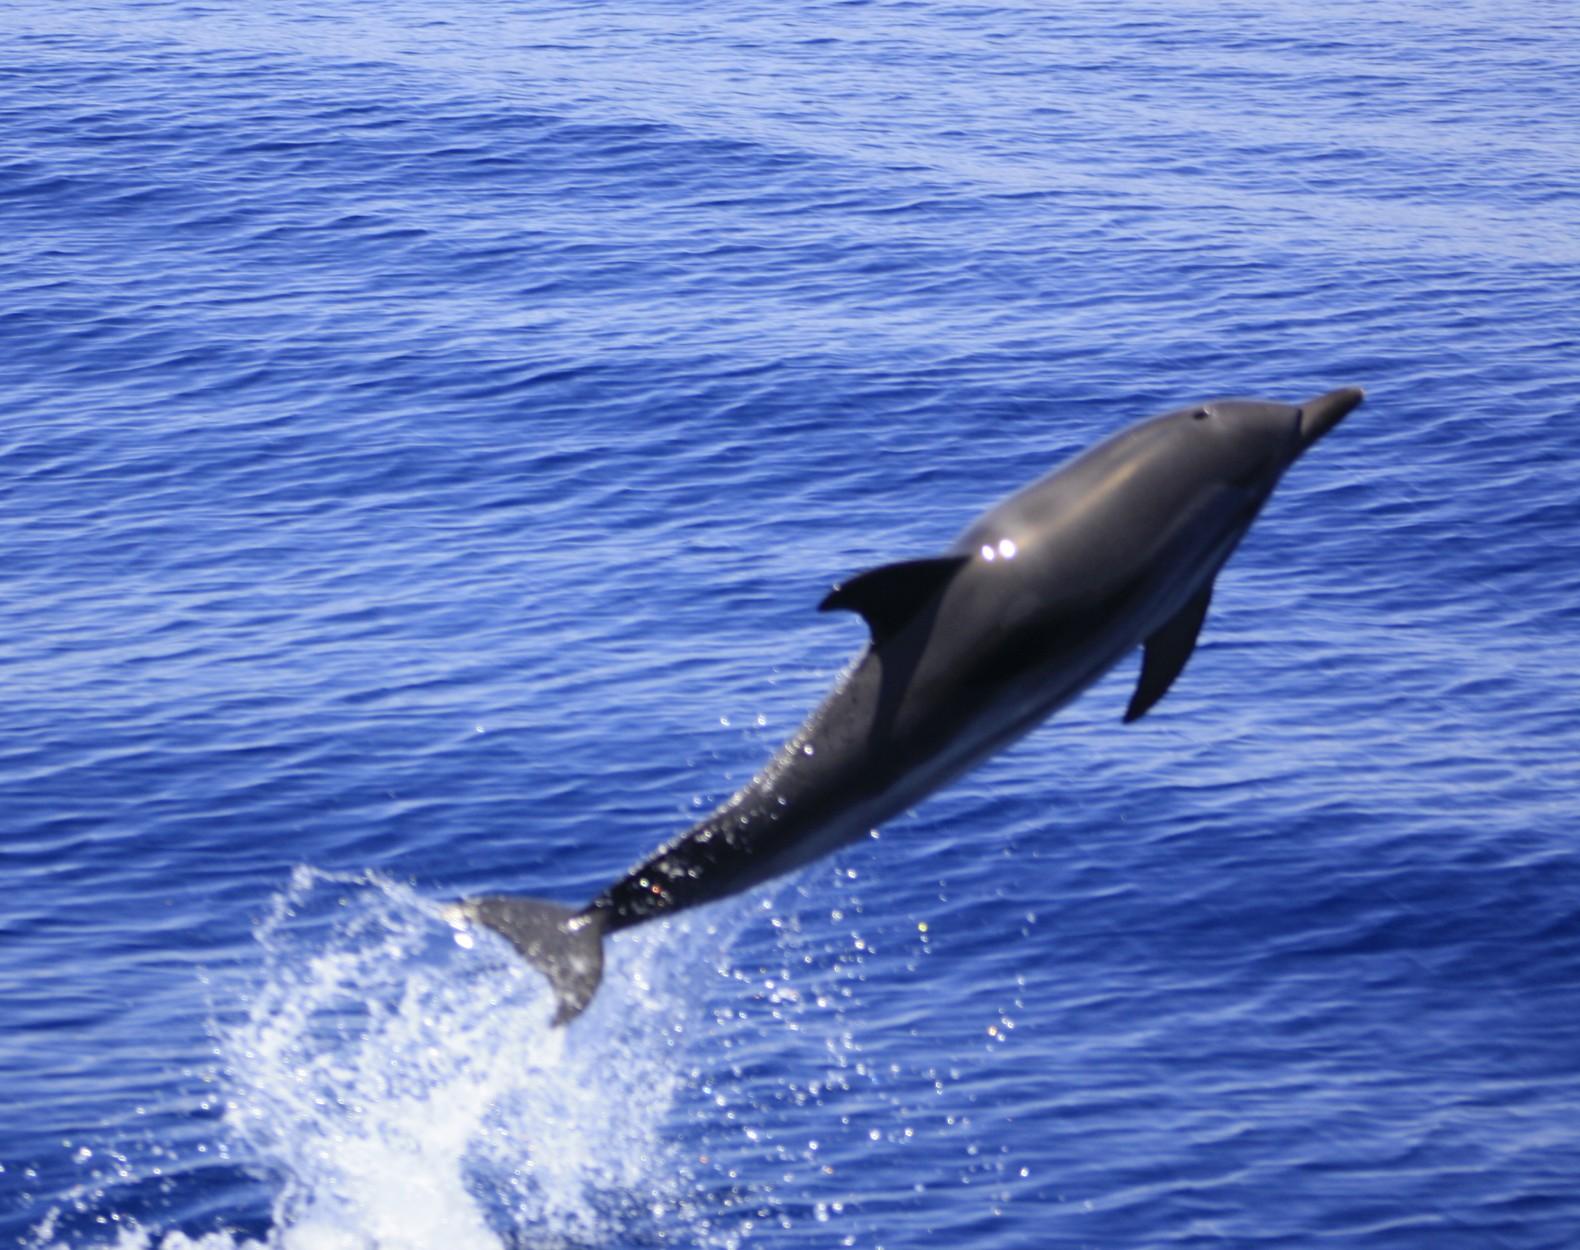 delfin listado saltando